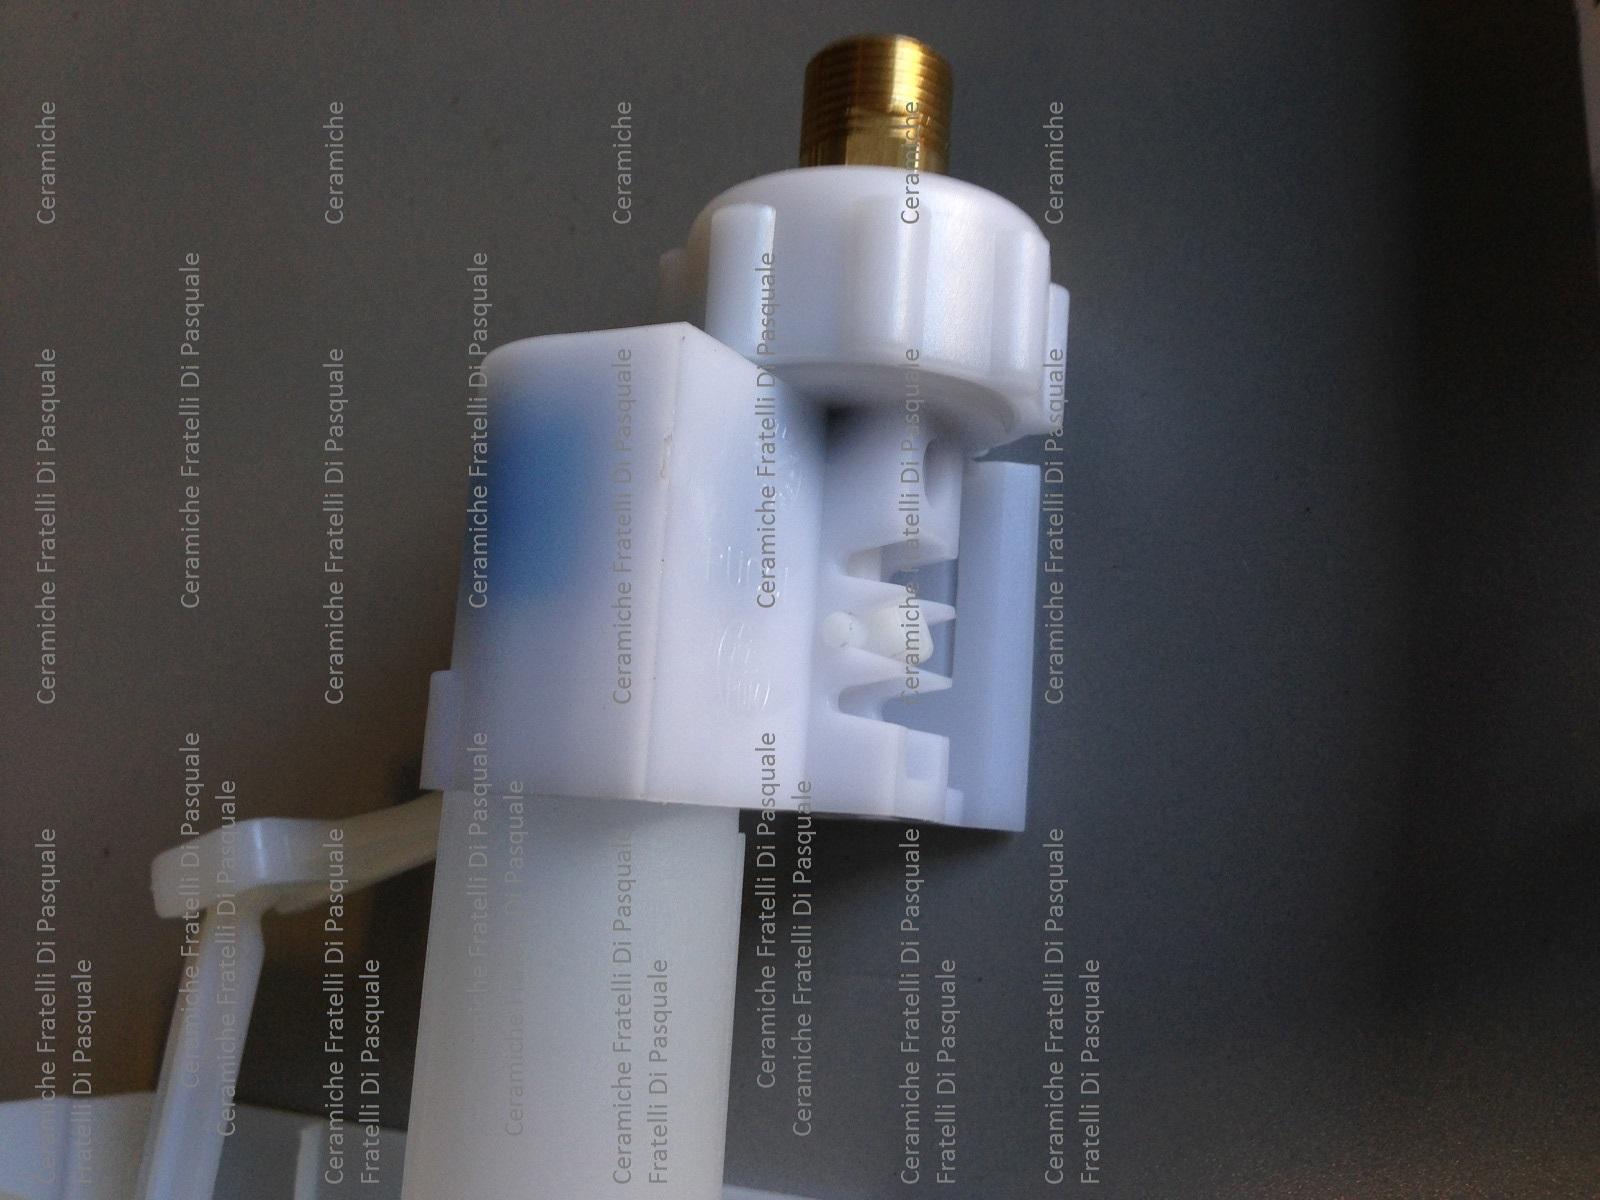 80006550 gruppo valvola eco sara pucci ricambio cassetta incasso bagno - Pucci bagno ricambi ...